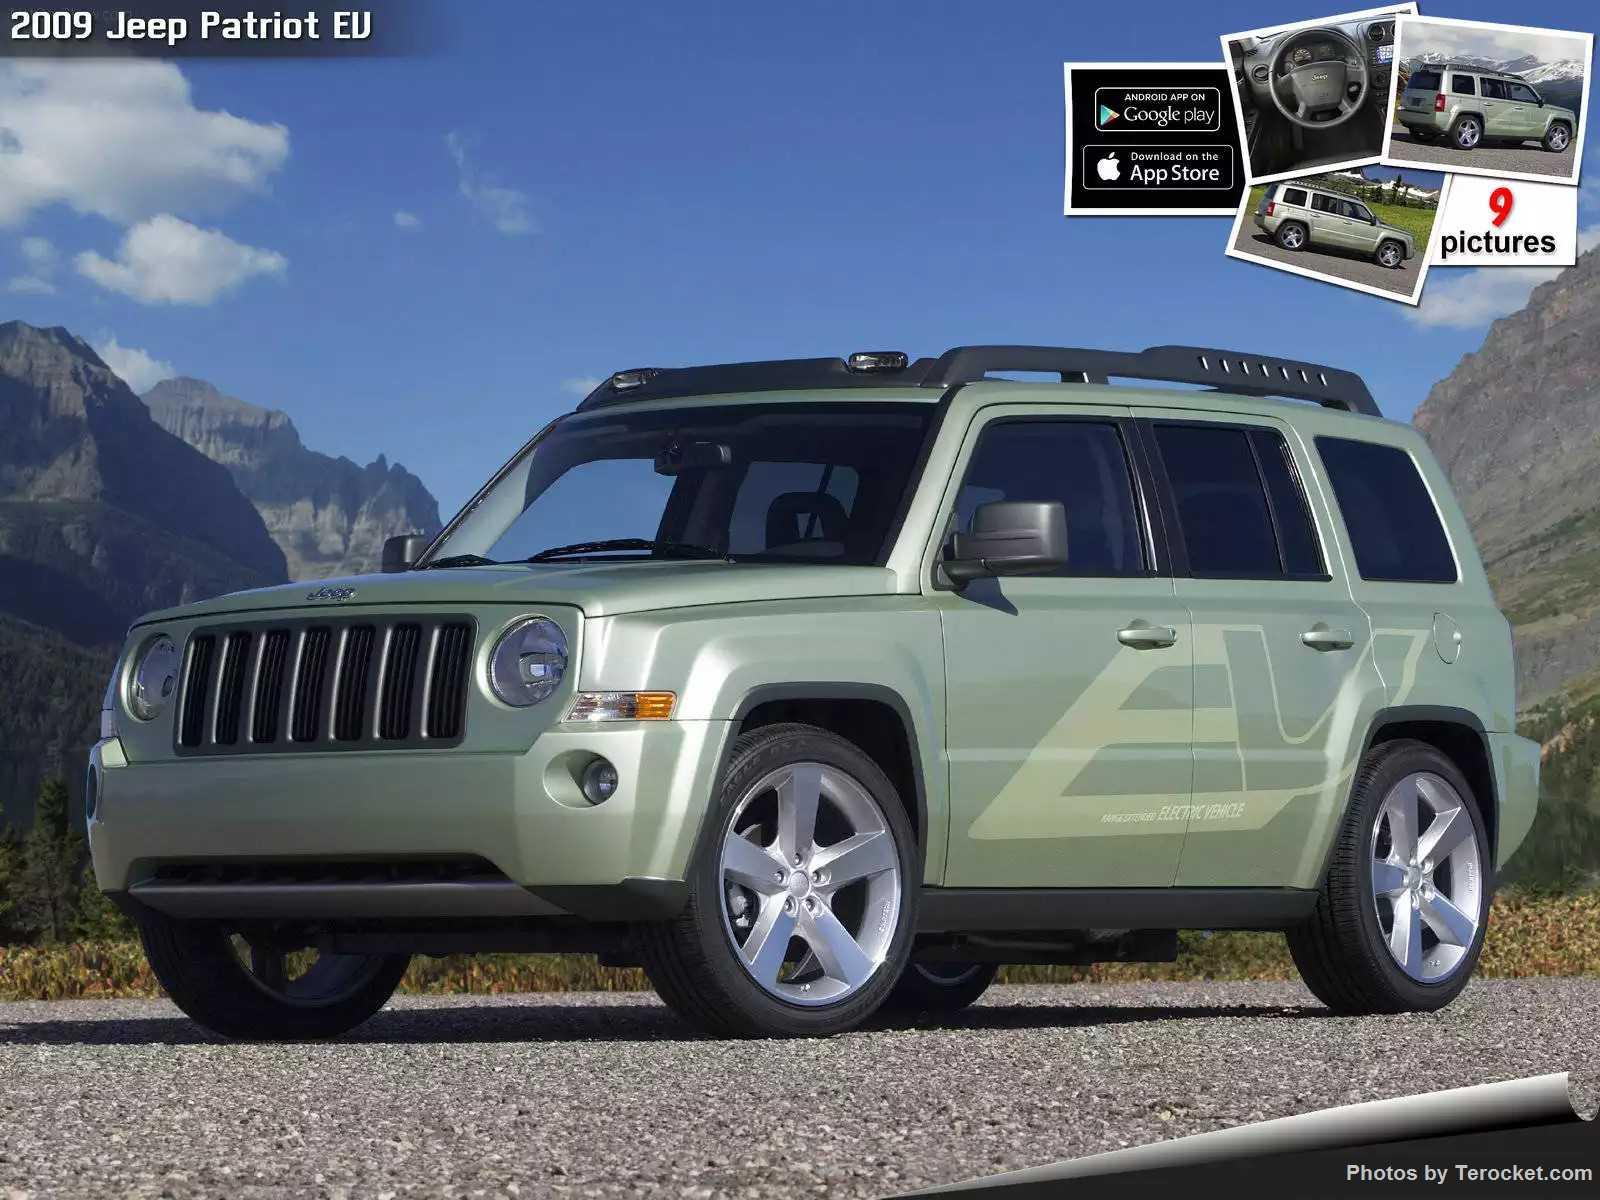 Hình ảnh xe ô tô Jeep Patriot EV 2009 & nội ngoại thất